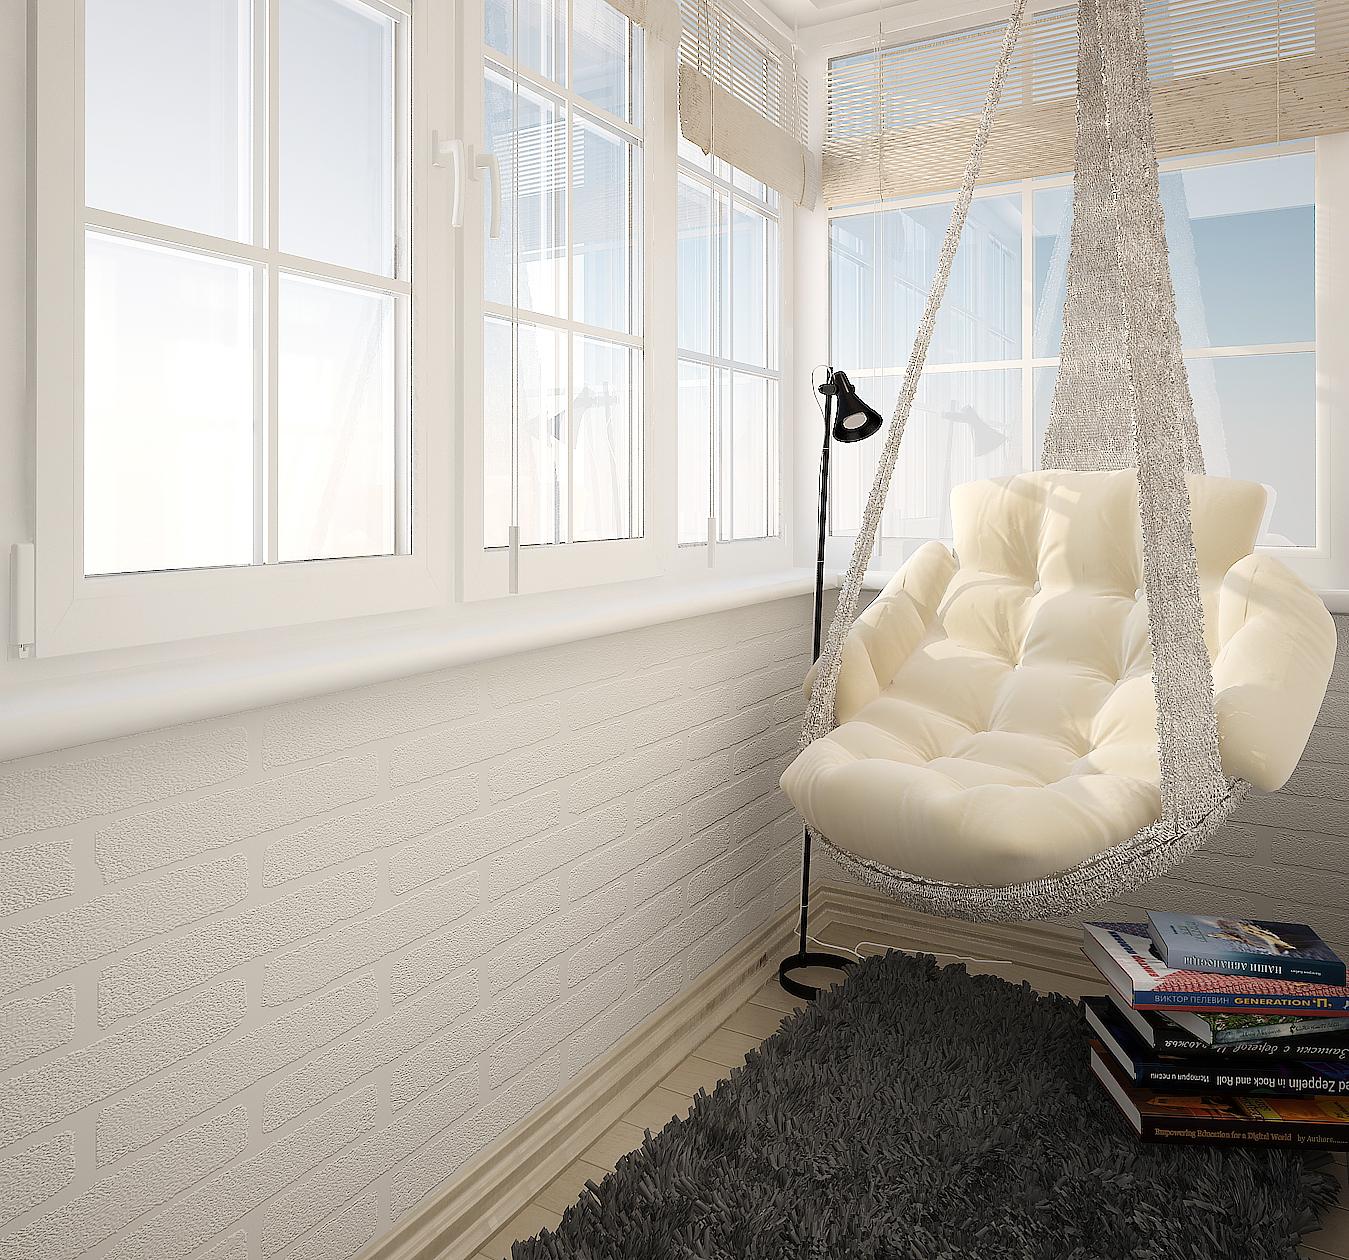 Уголок для отдыха на балконе.